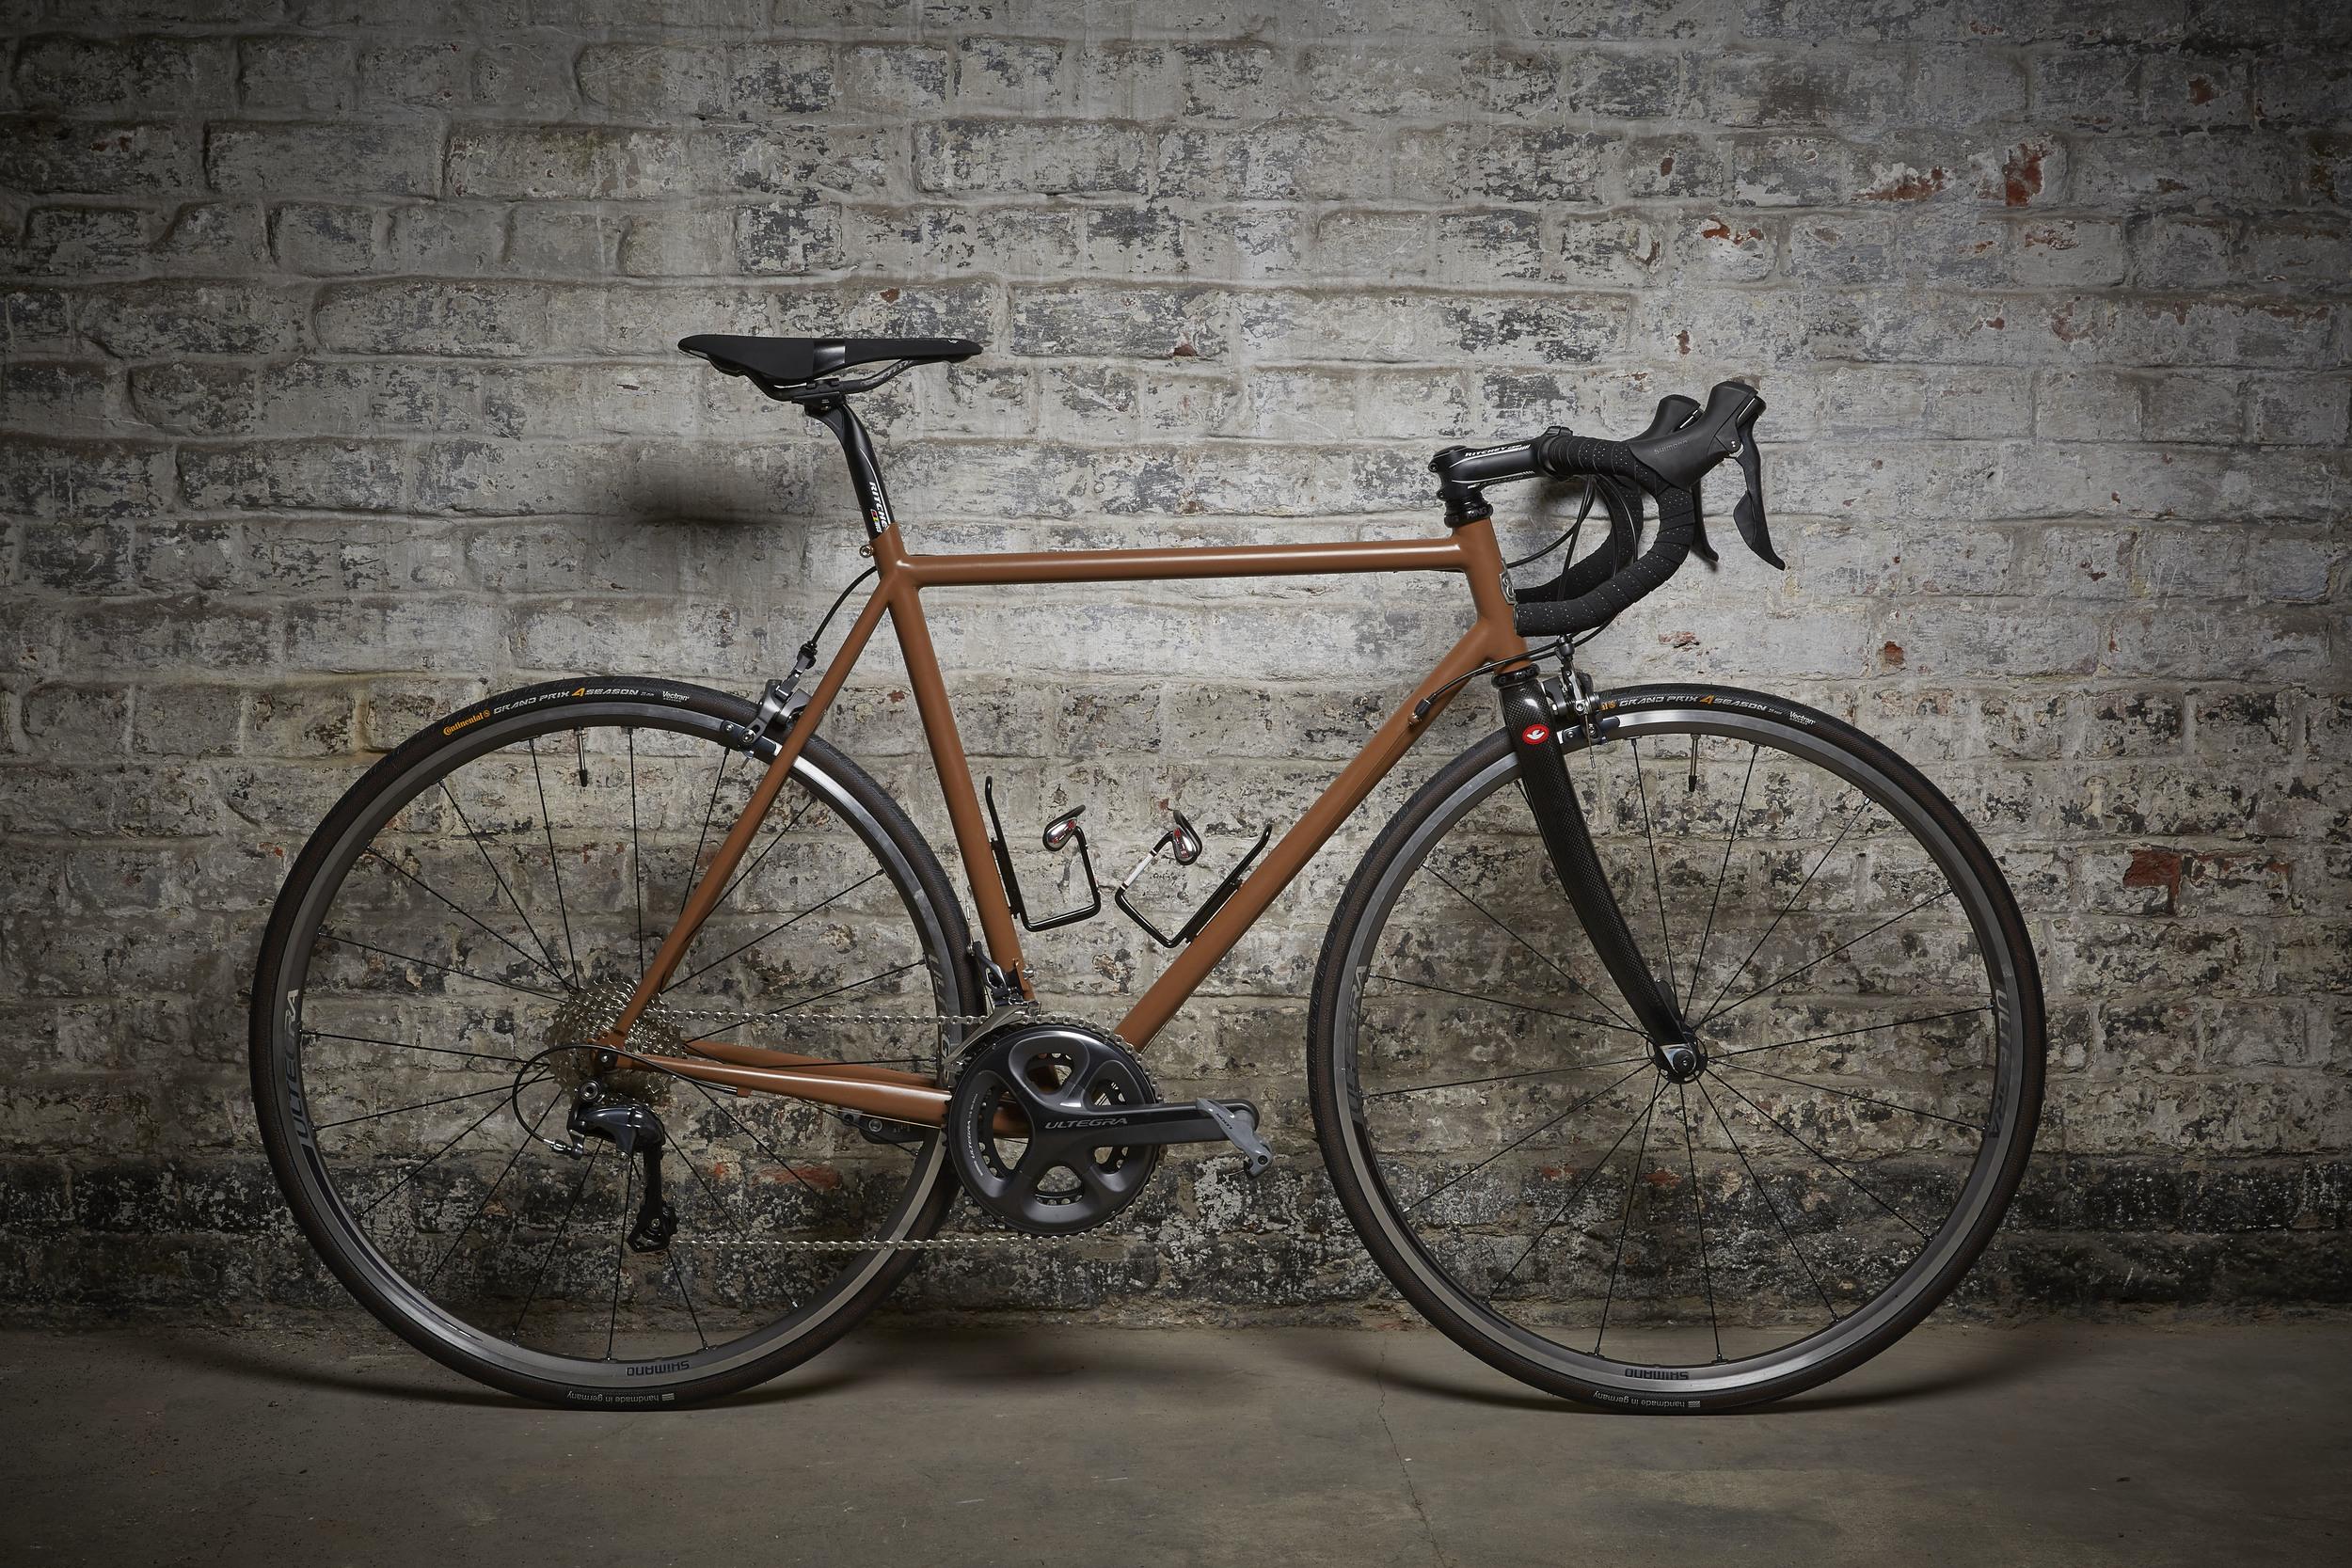 LaFraise Cycles Roadbike